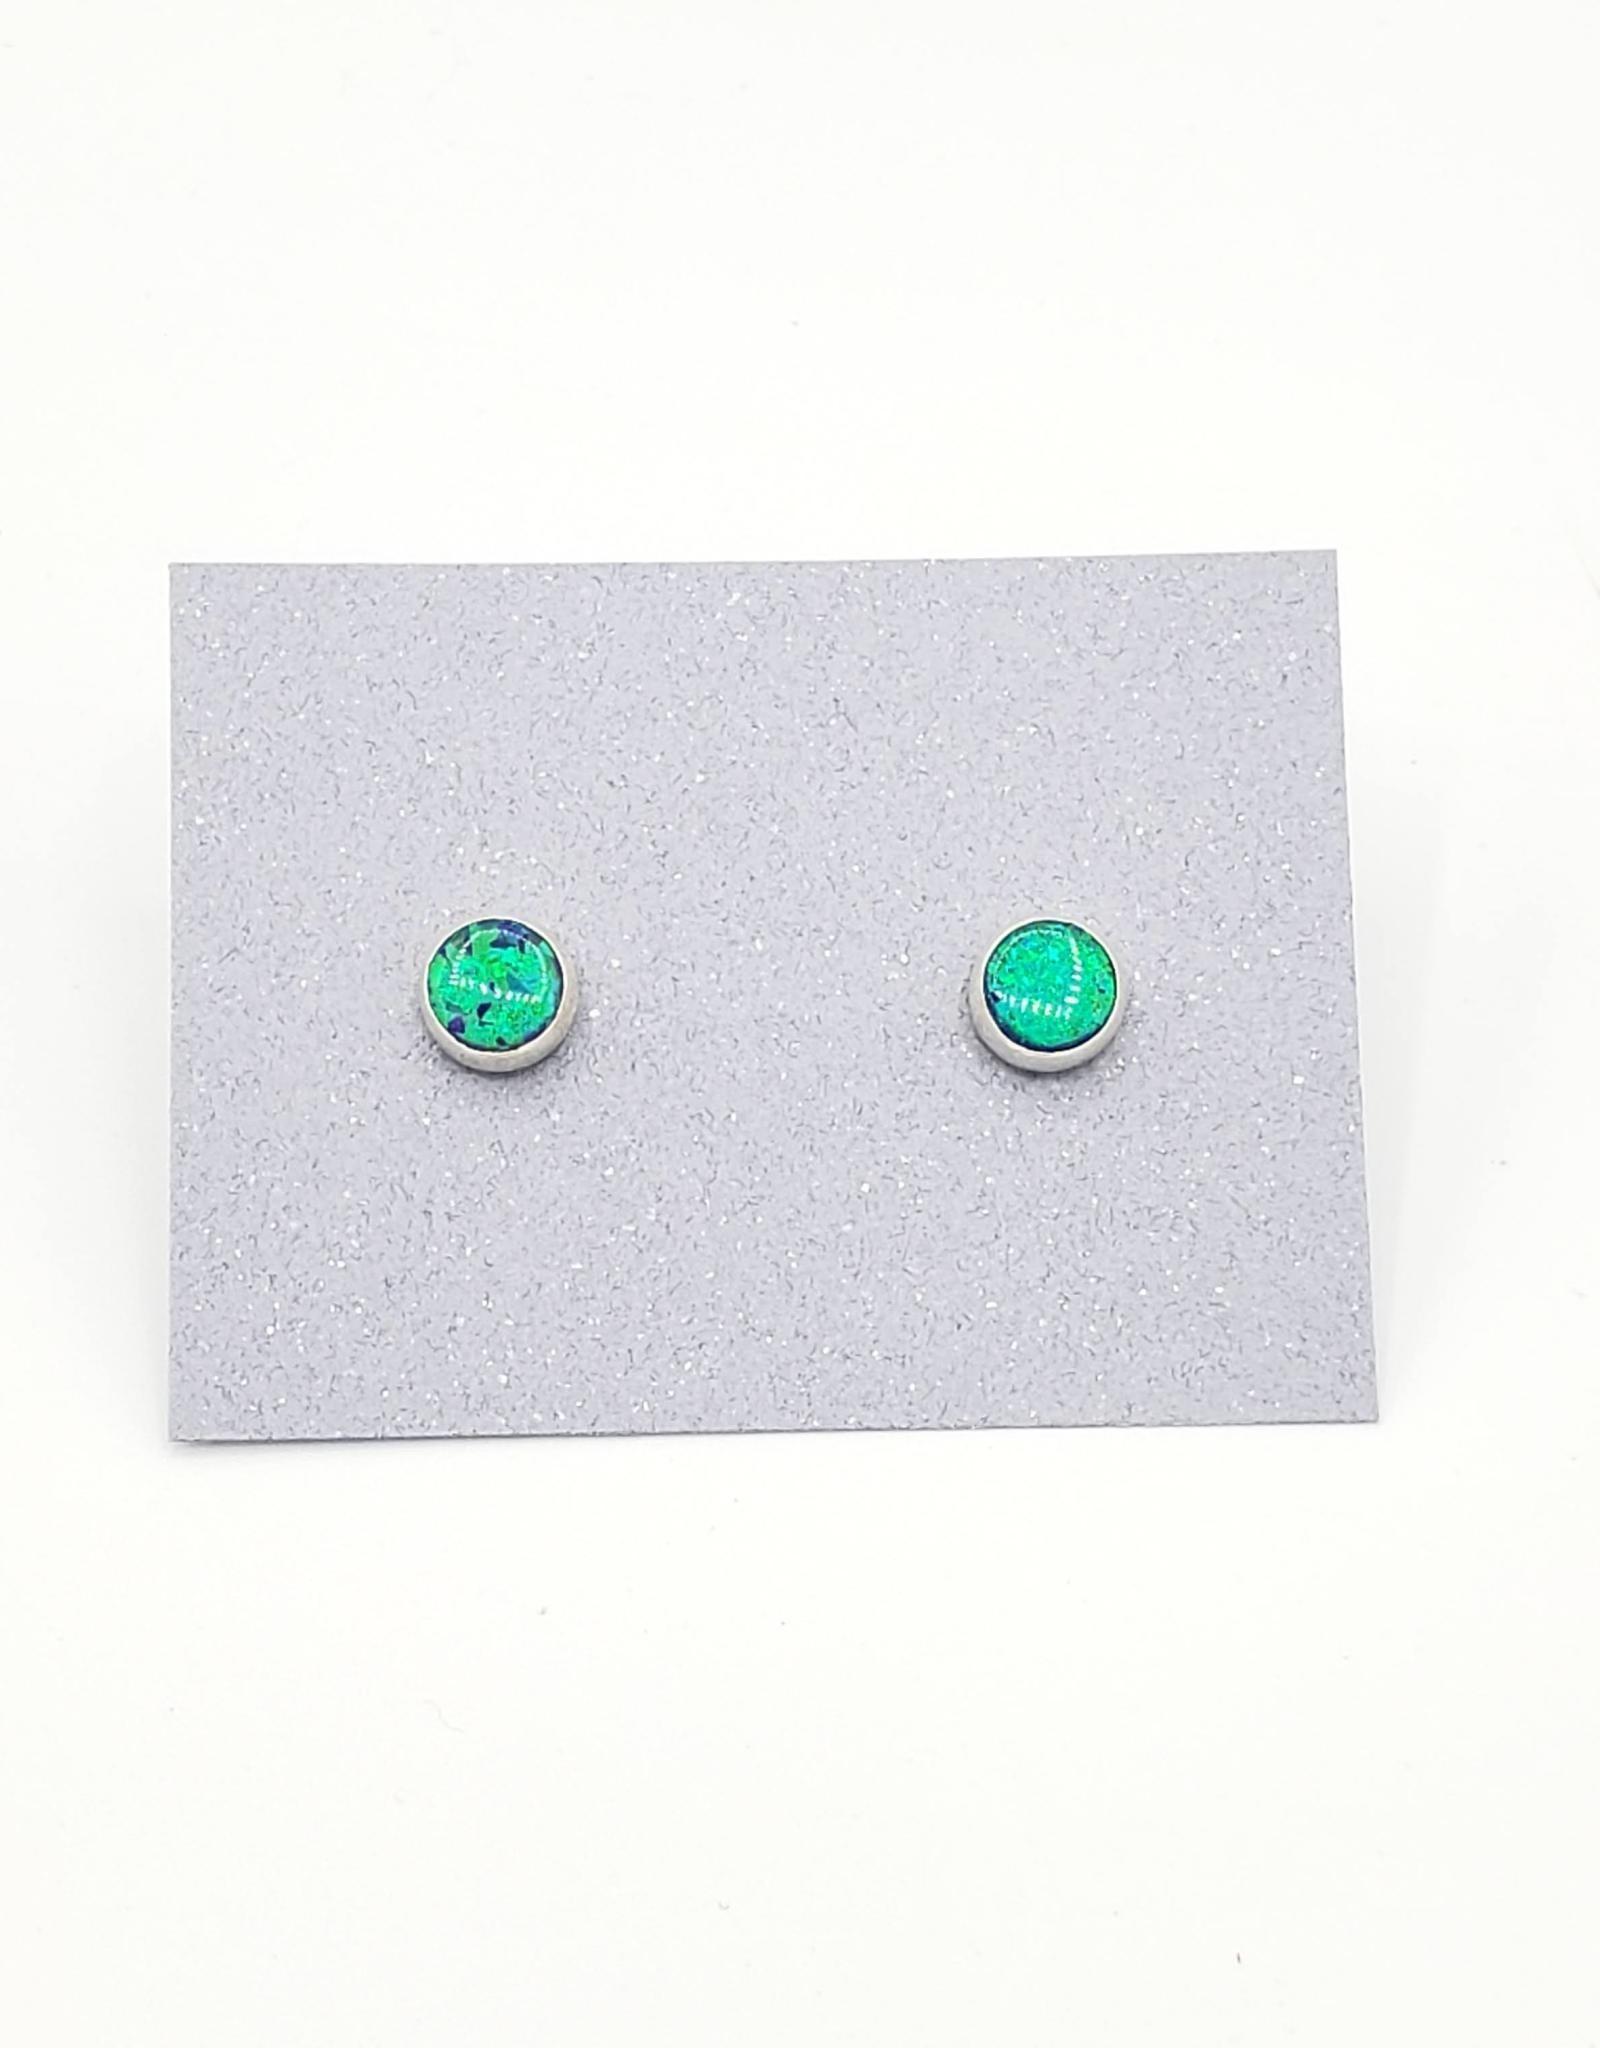 Green Opal Bezel Post Earrings Sterling Silver, 6mm